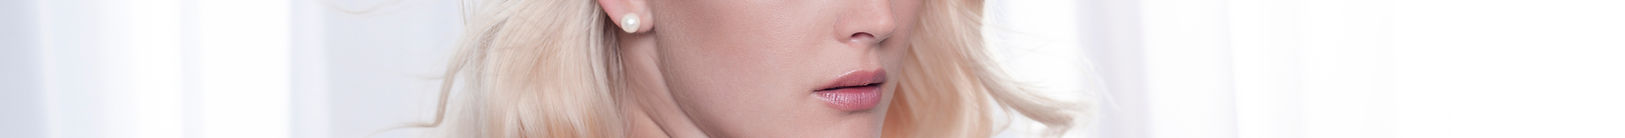 Model Lippen